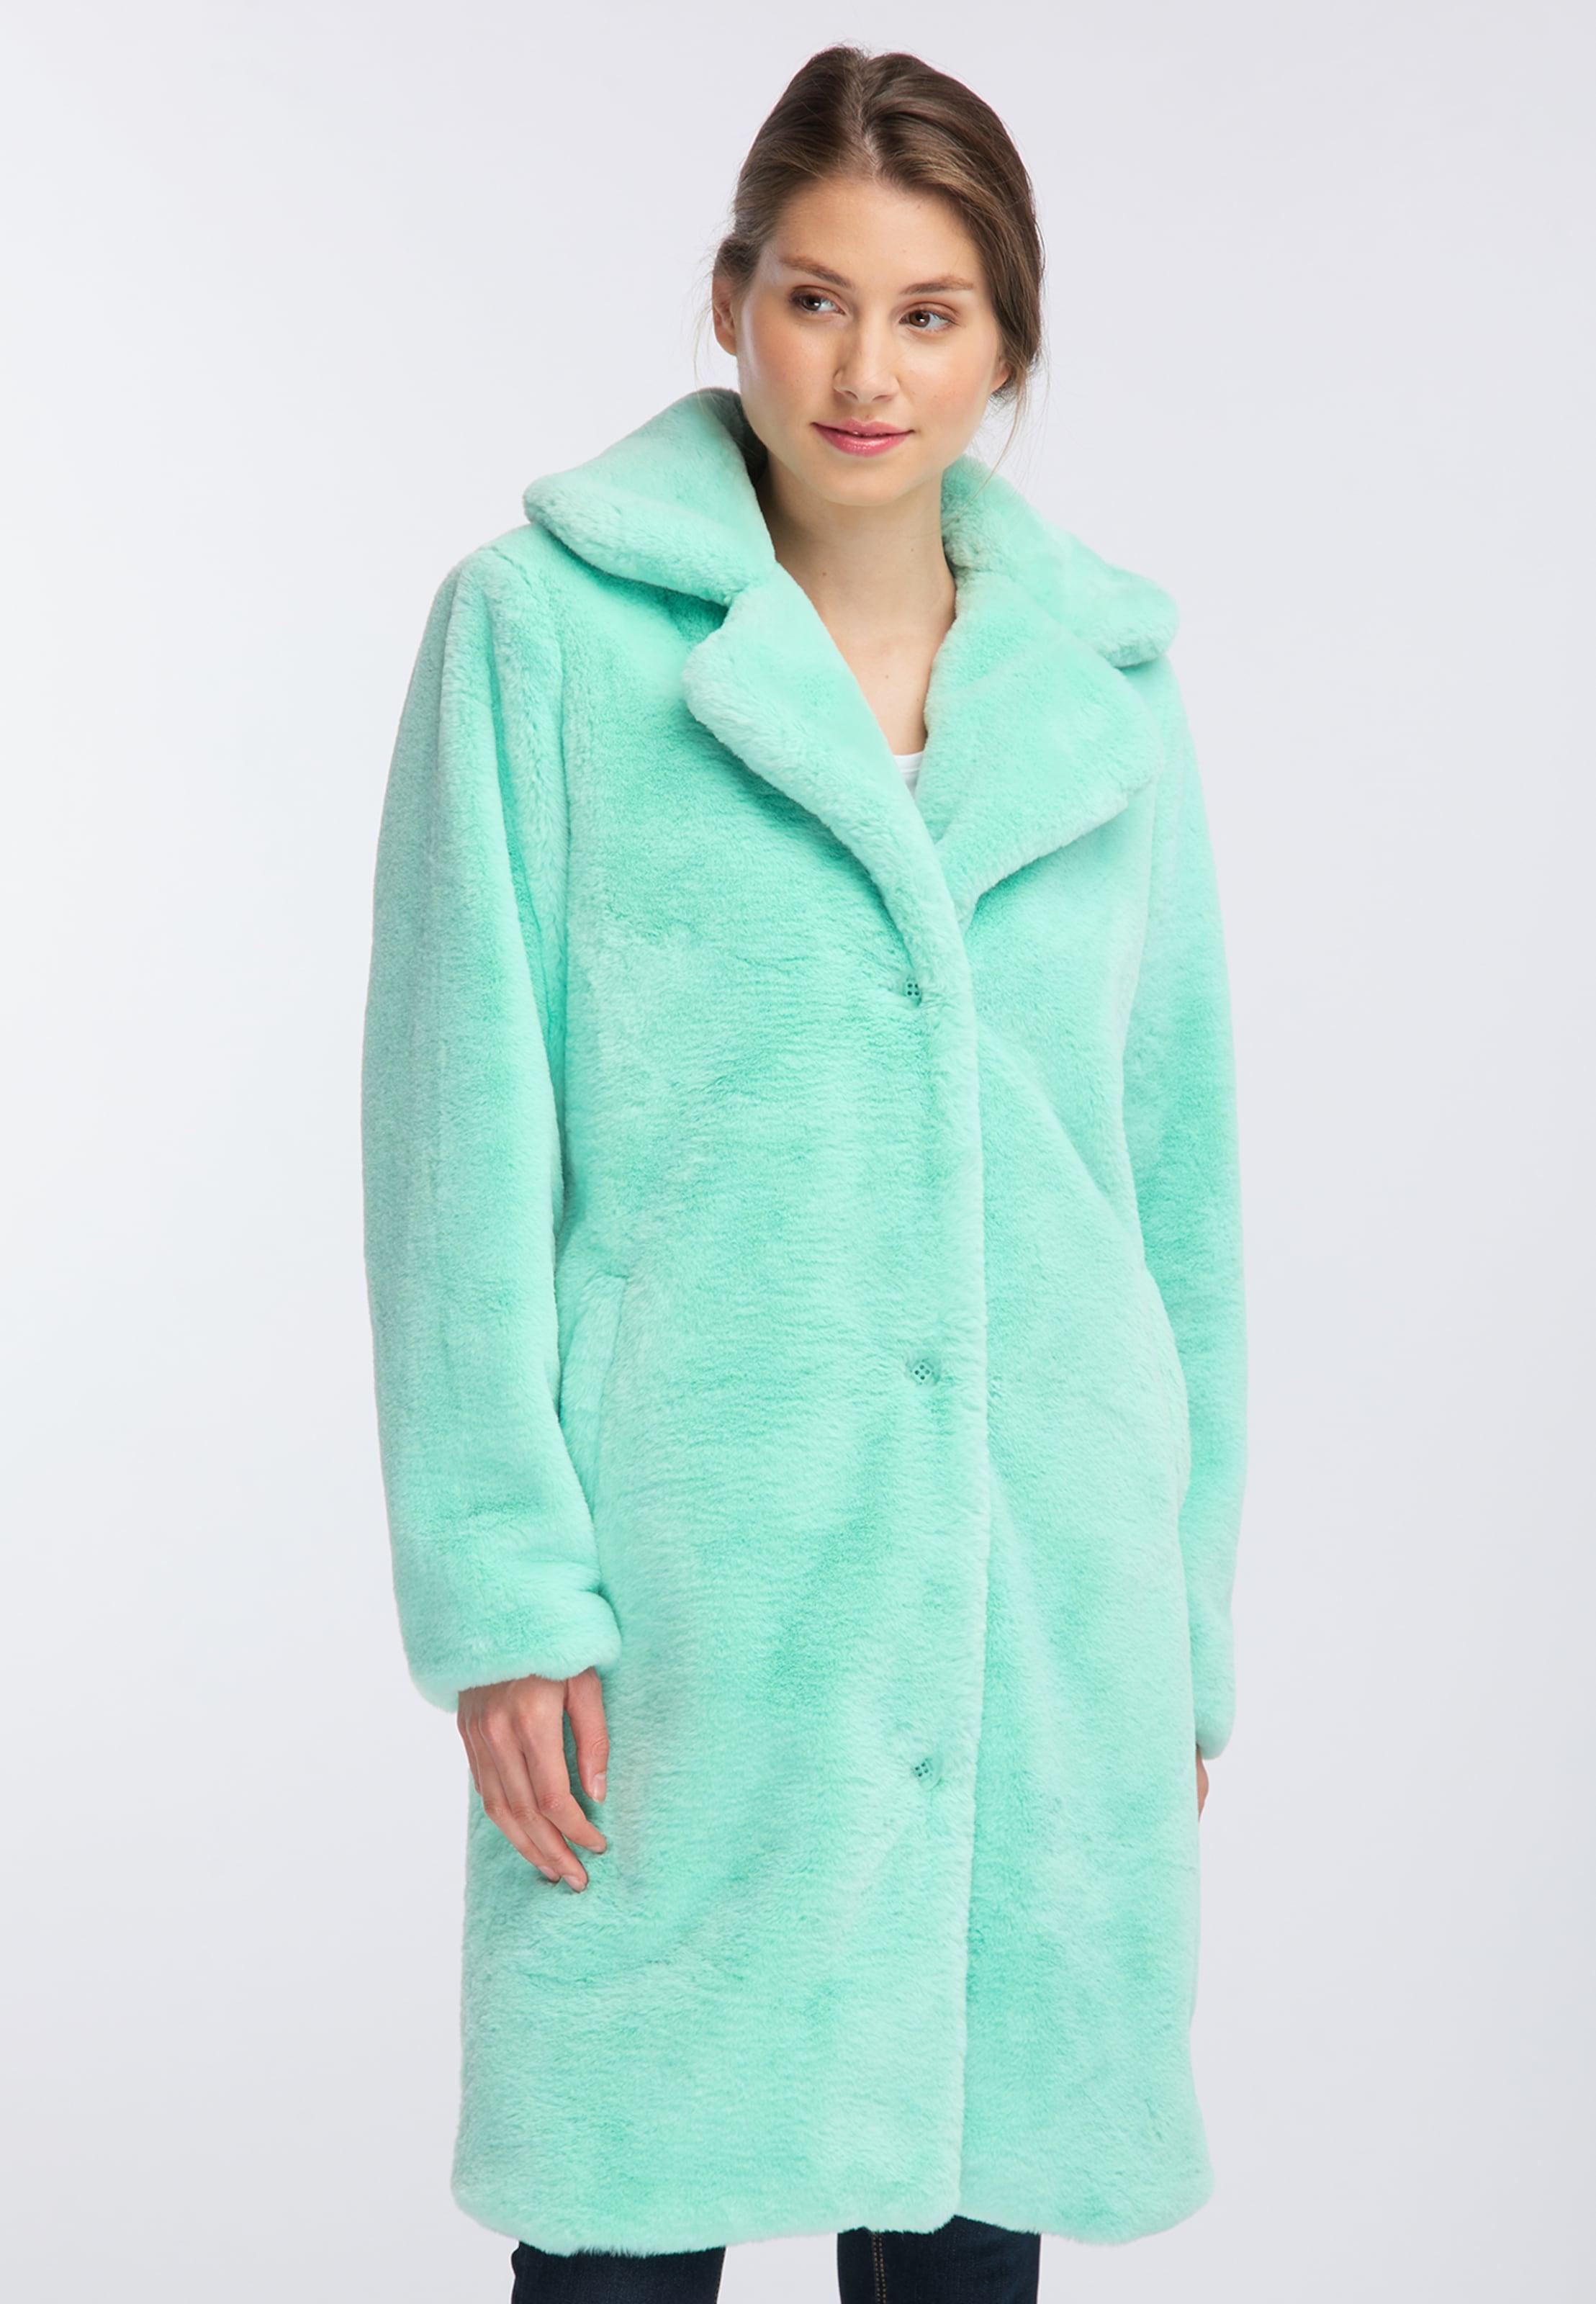 Mantel Mantel In Grün Taddy Taddy kOiXuTPZlw